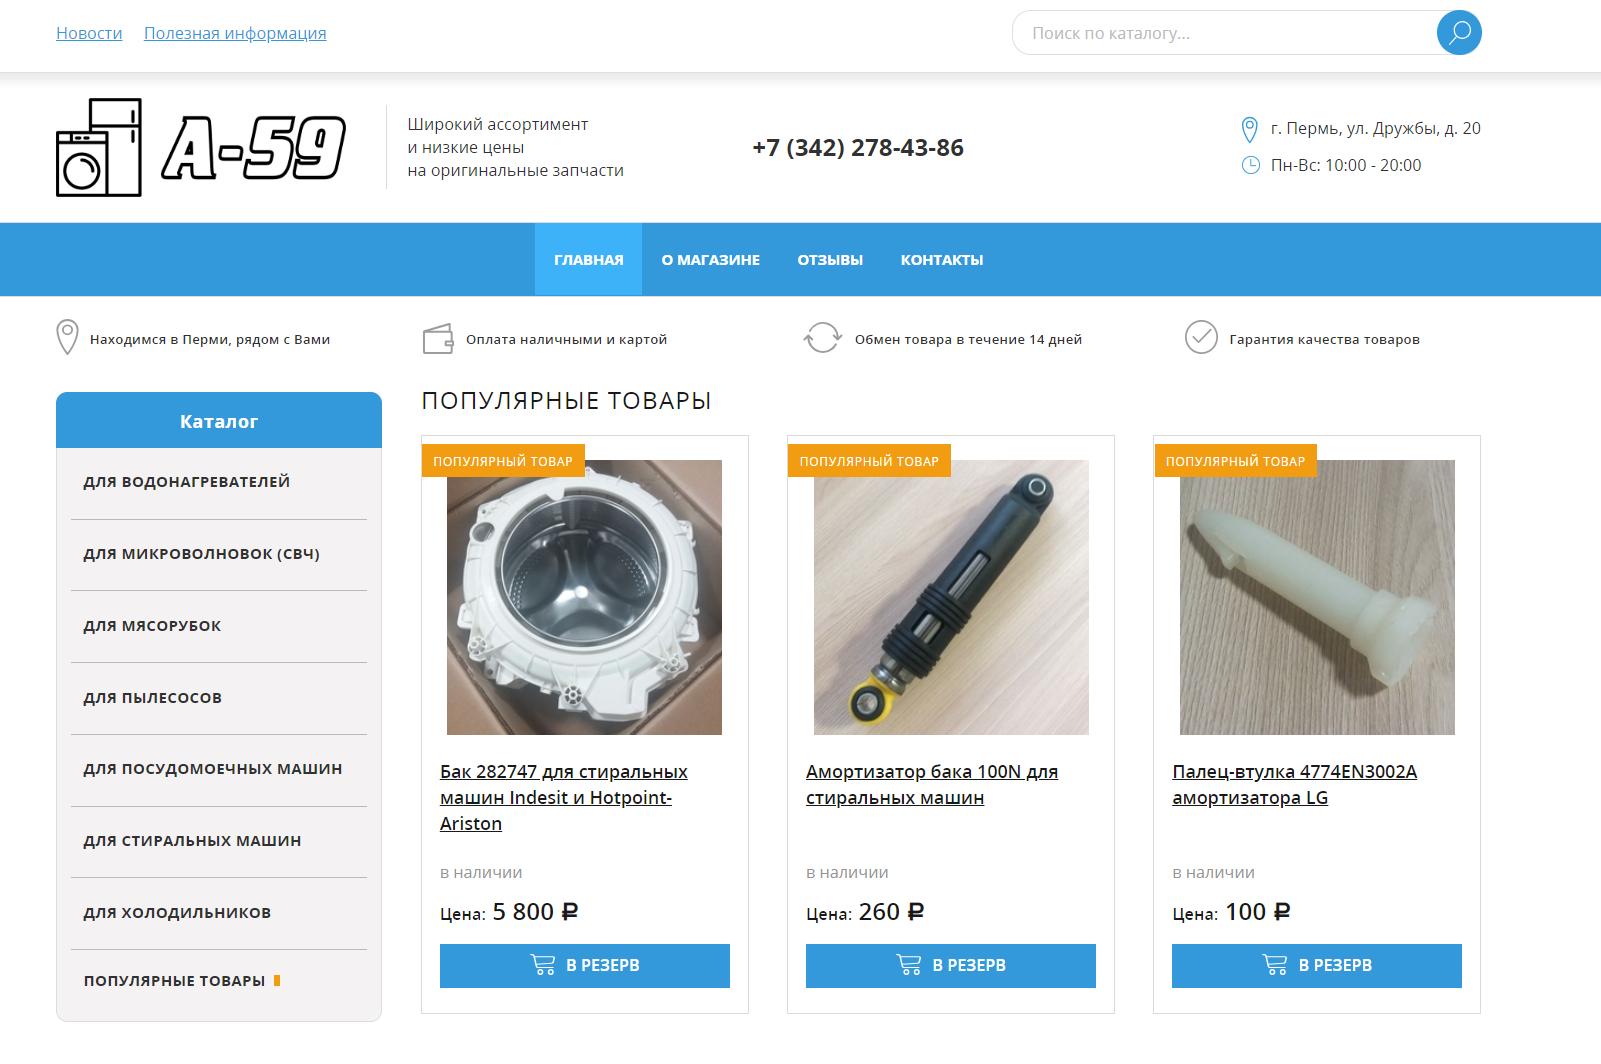 4f51cb4c2e46b Интернет-магазин запчастей для бытовой техники A59-perm.ru